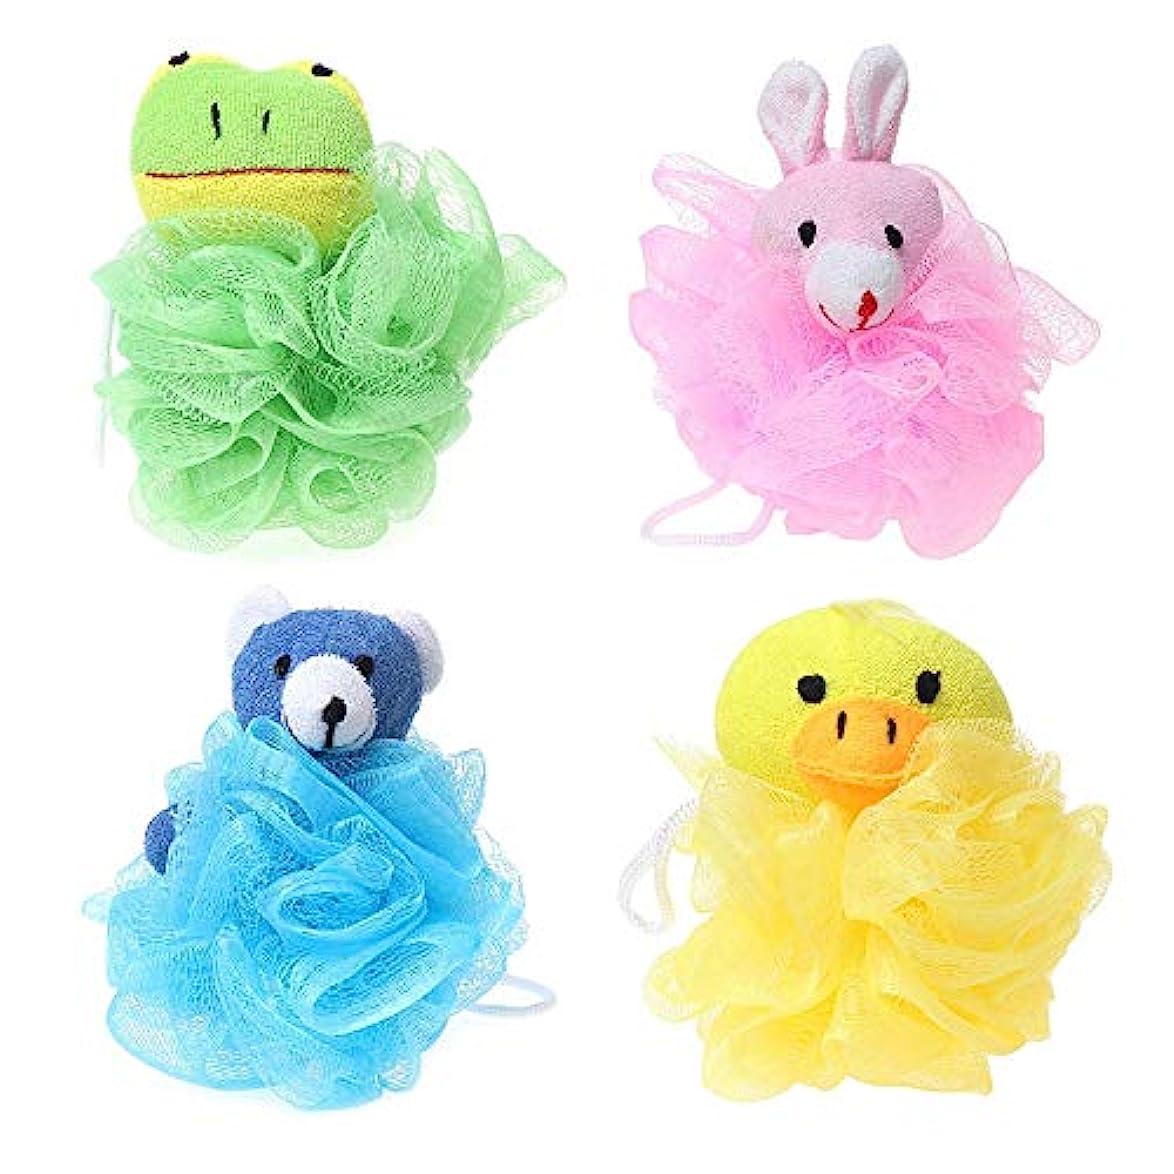 夕暮れ偏見透けて見えるGaoominy 子供用おもちゃクッションパフメッシュぬいぐるみ付き(4パック)カエル、アヒル、ウサギ、クマ